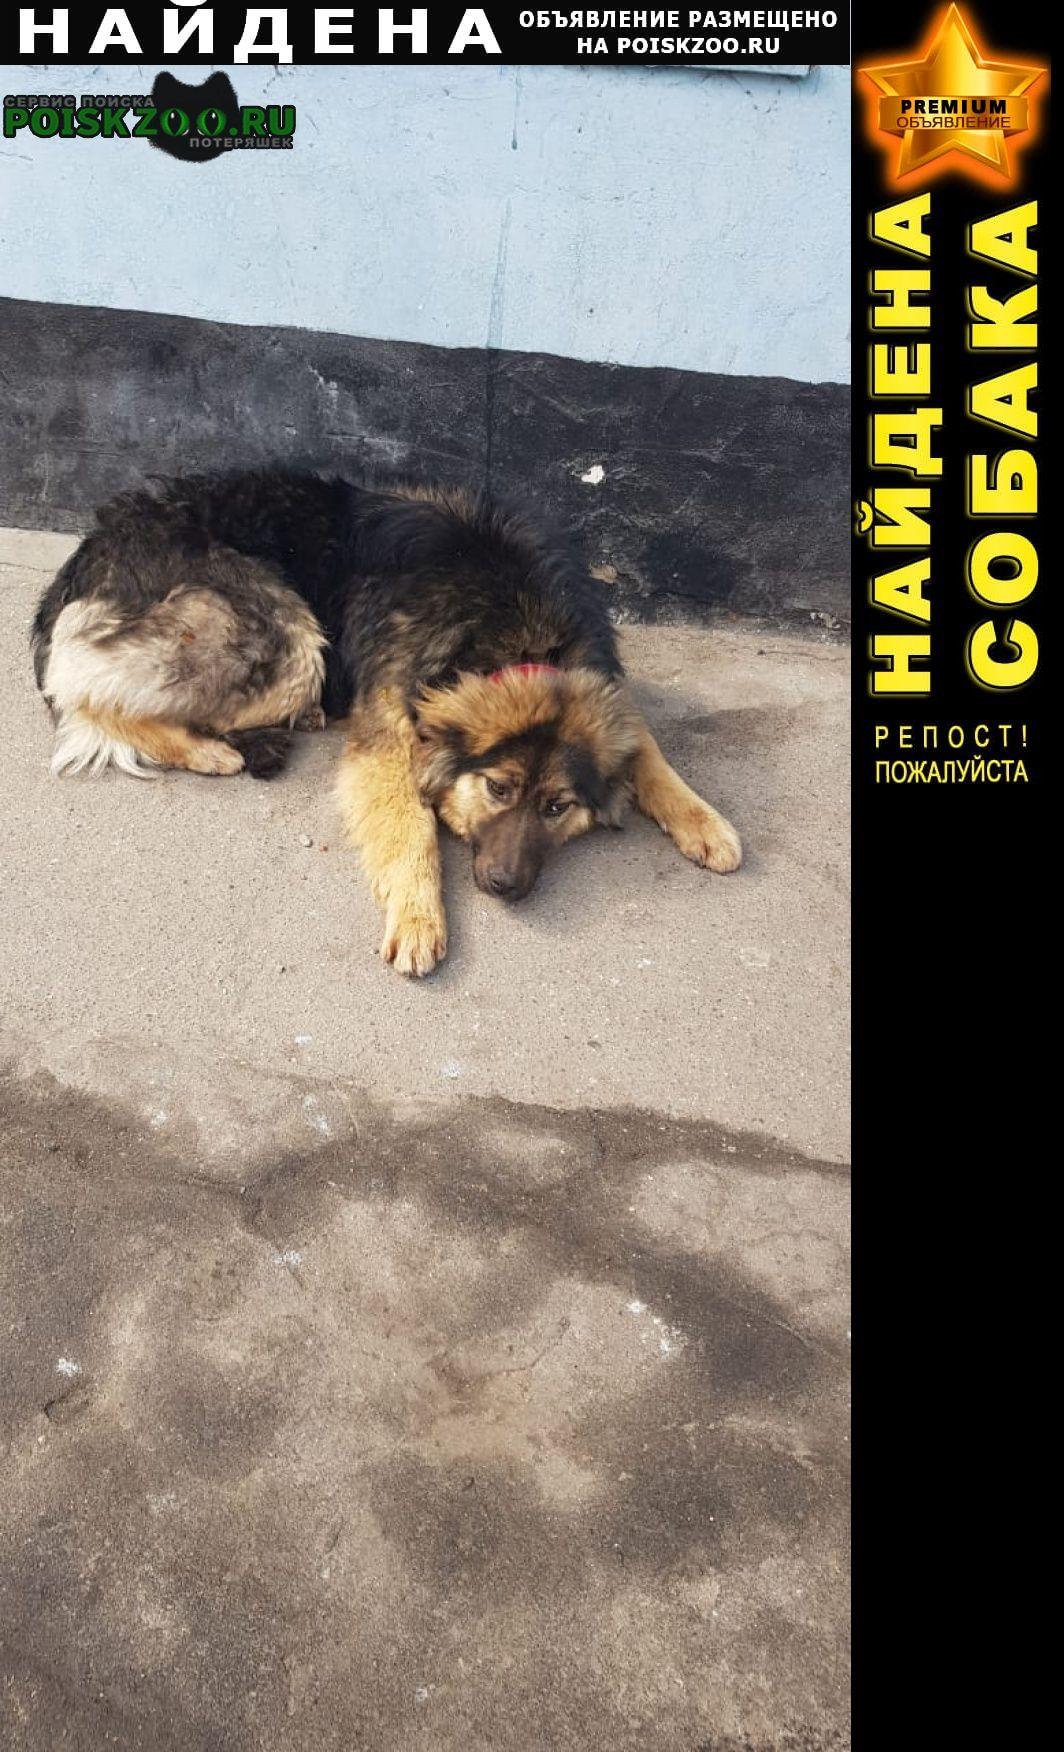 Найдена собака очень добрая, ласковая собачка. Москва